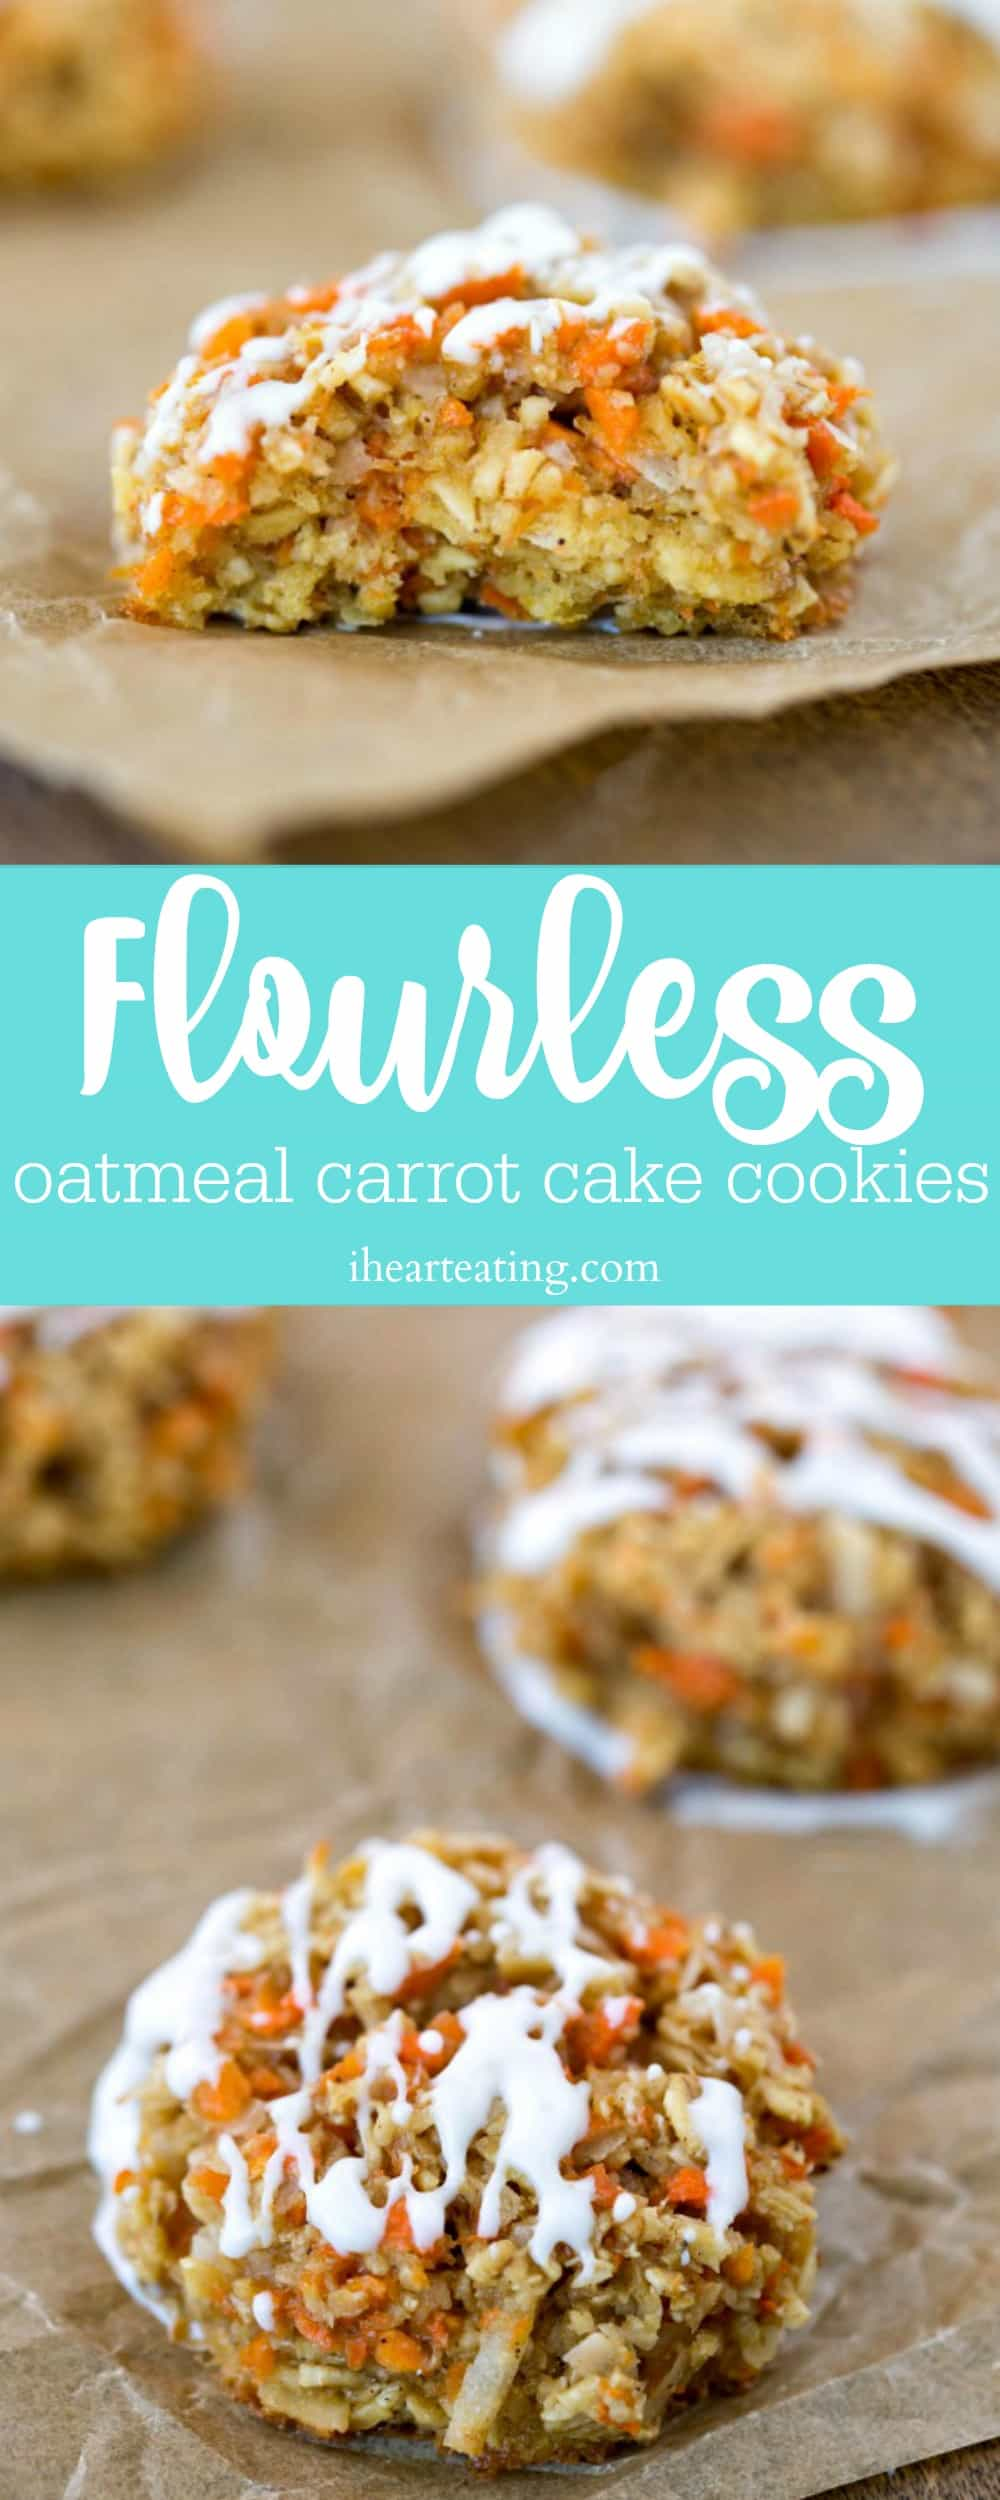 Flourless Oatmeal Carrot Cake Cookie Recipe